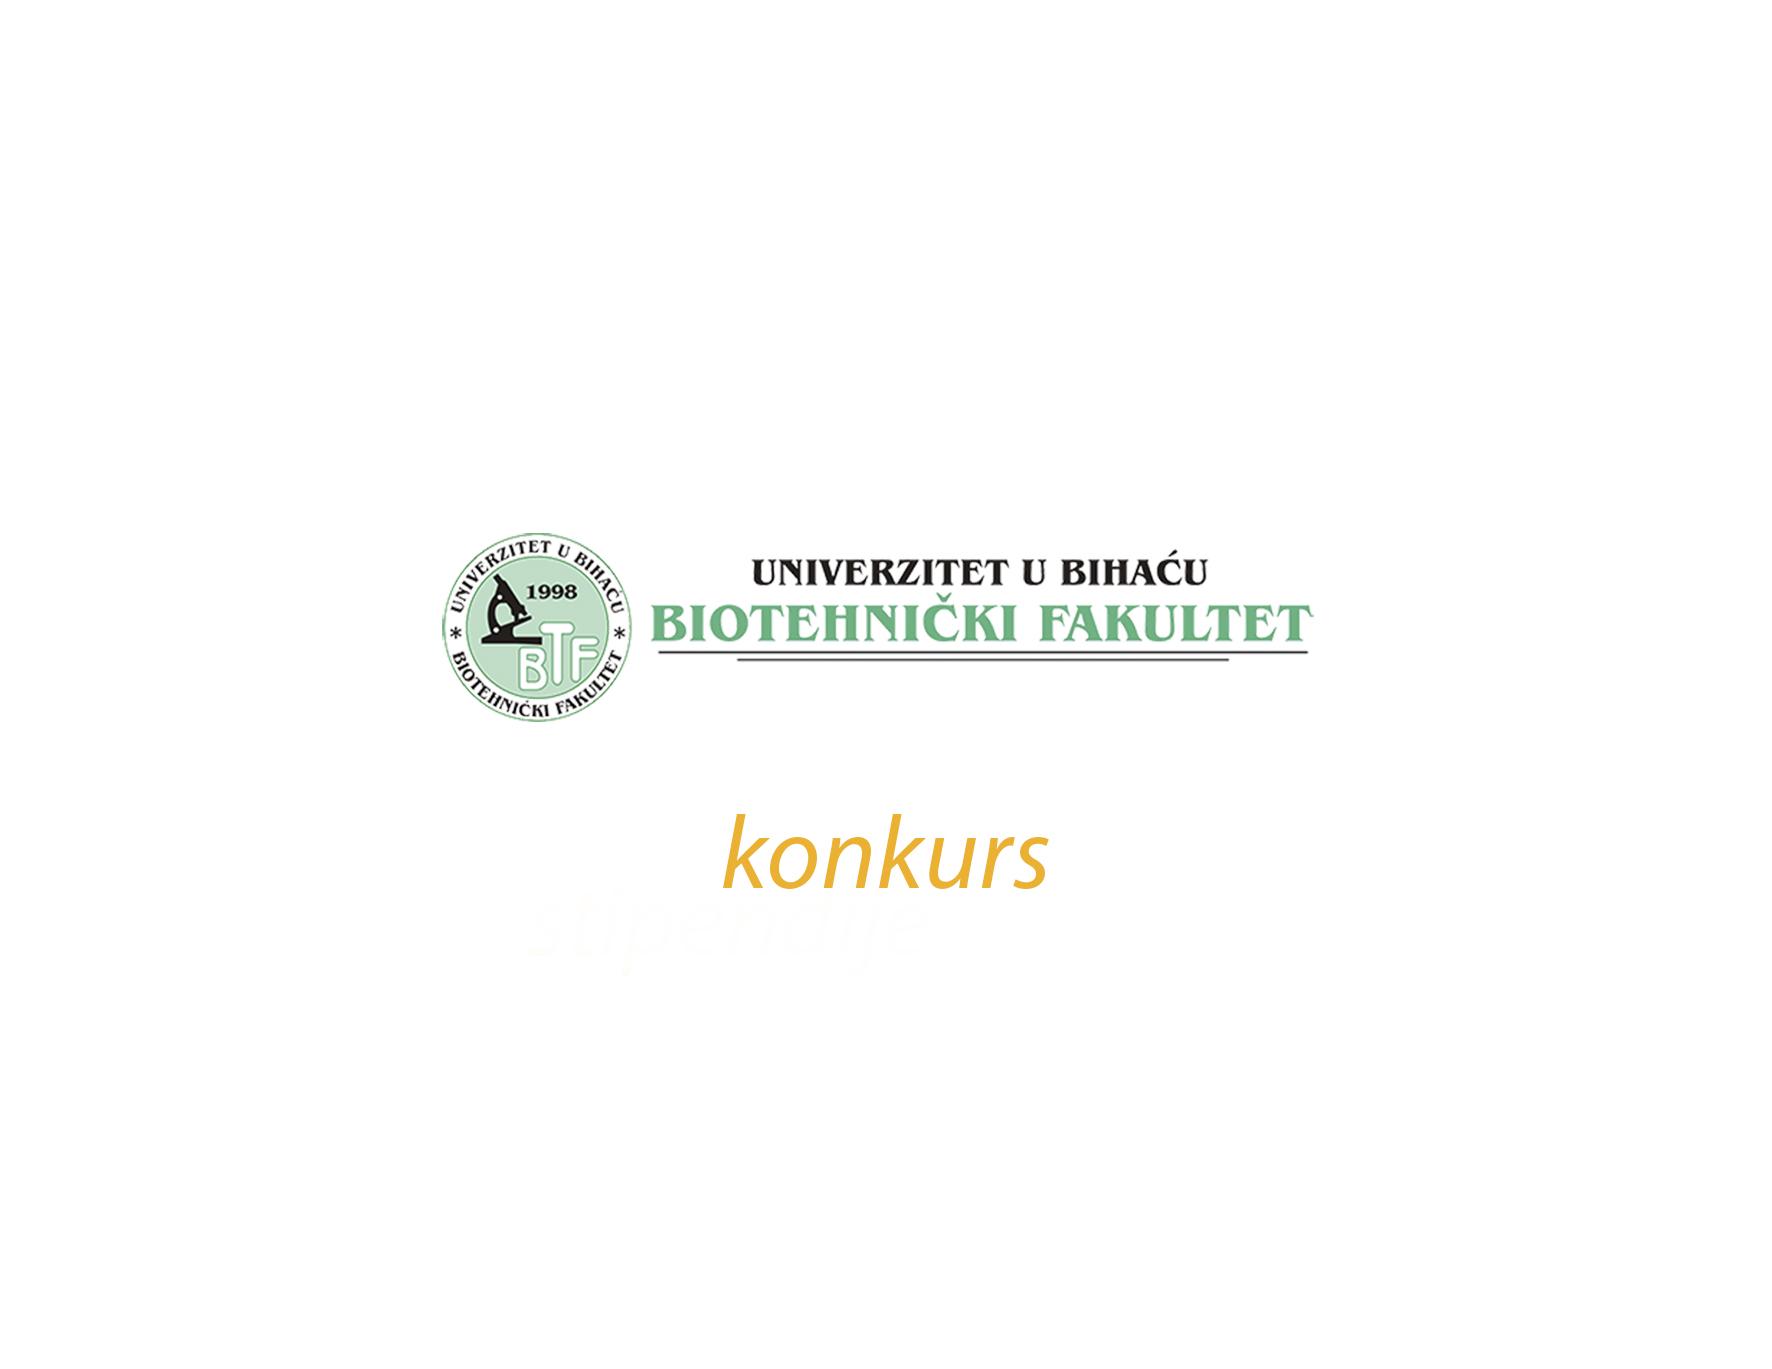 Konkurs za upis studenata u prvu godinu Drugog ciklusa studija na Biotehničkom fakultetu